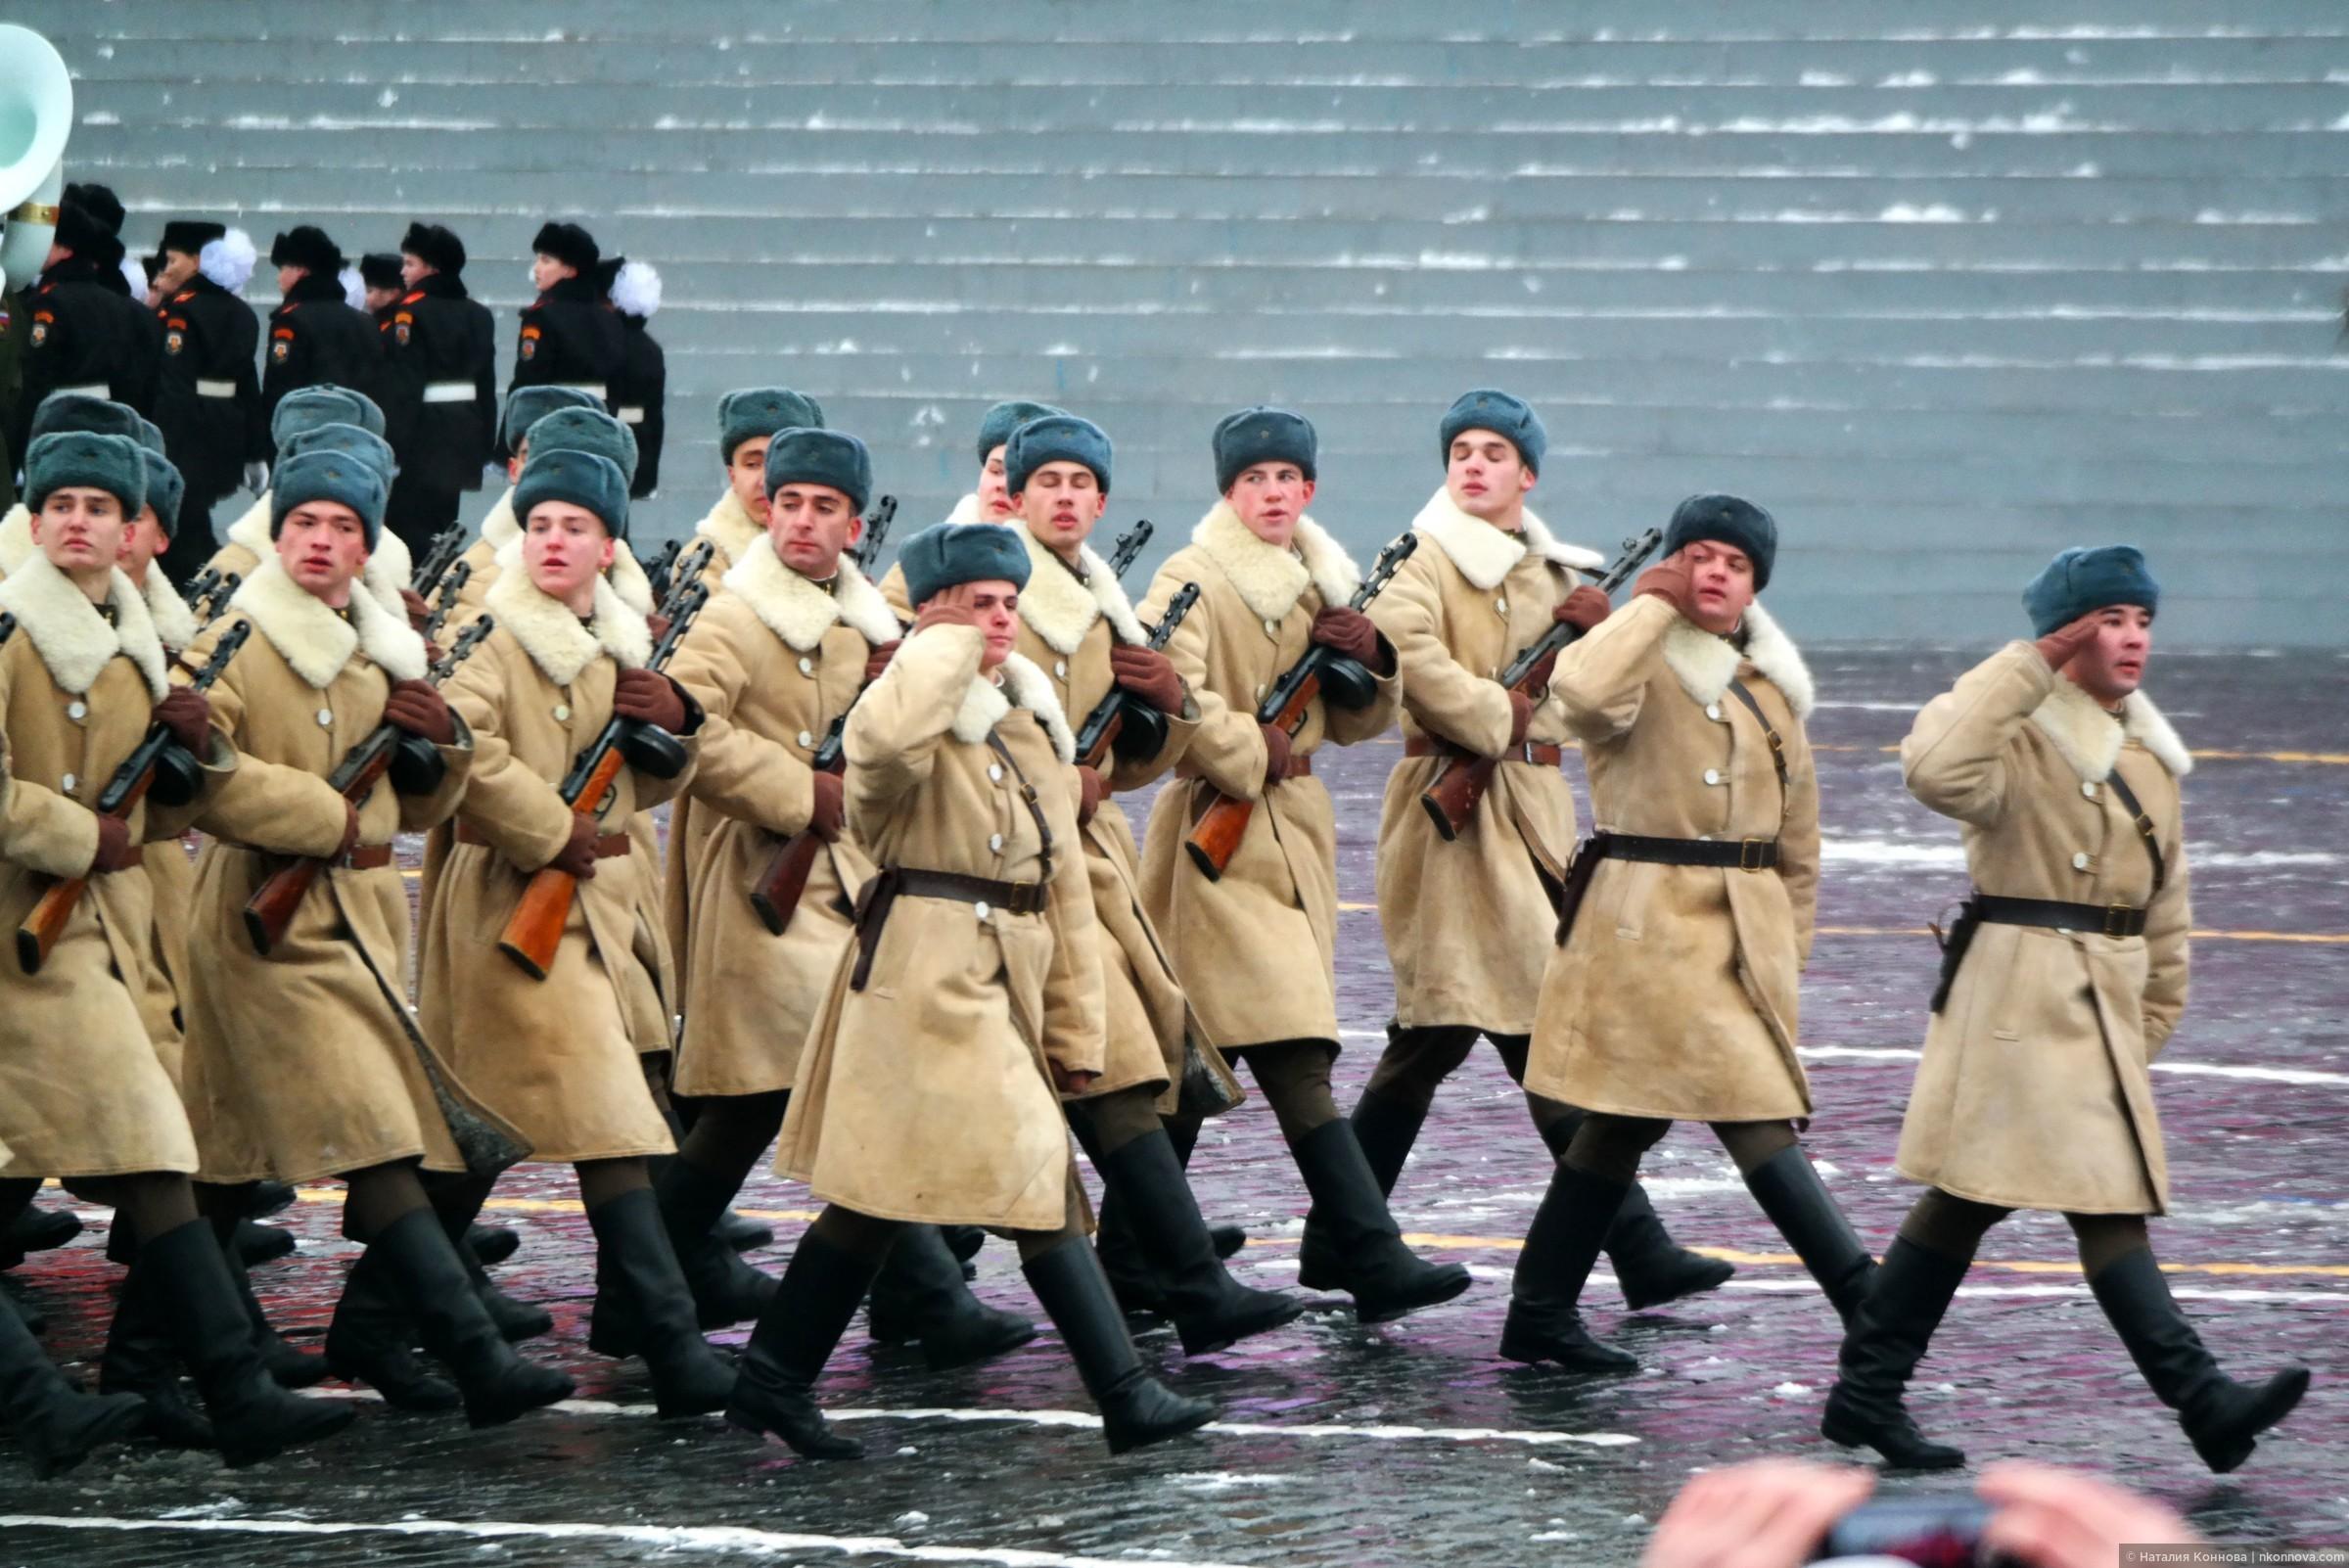 На площадь вступают учатсники исторической реконструкции. В строю военнослужащие 27-ой мотострелковой севастопольской бригады., Торжественный марш 7 ноября 2016, Красная пл.